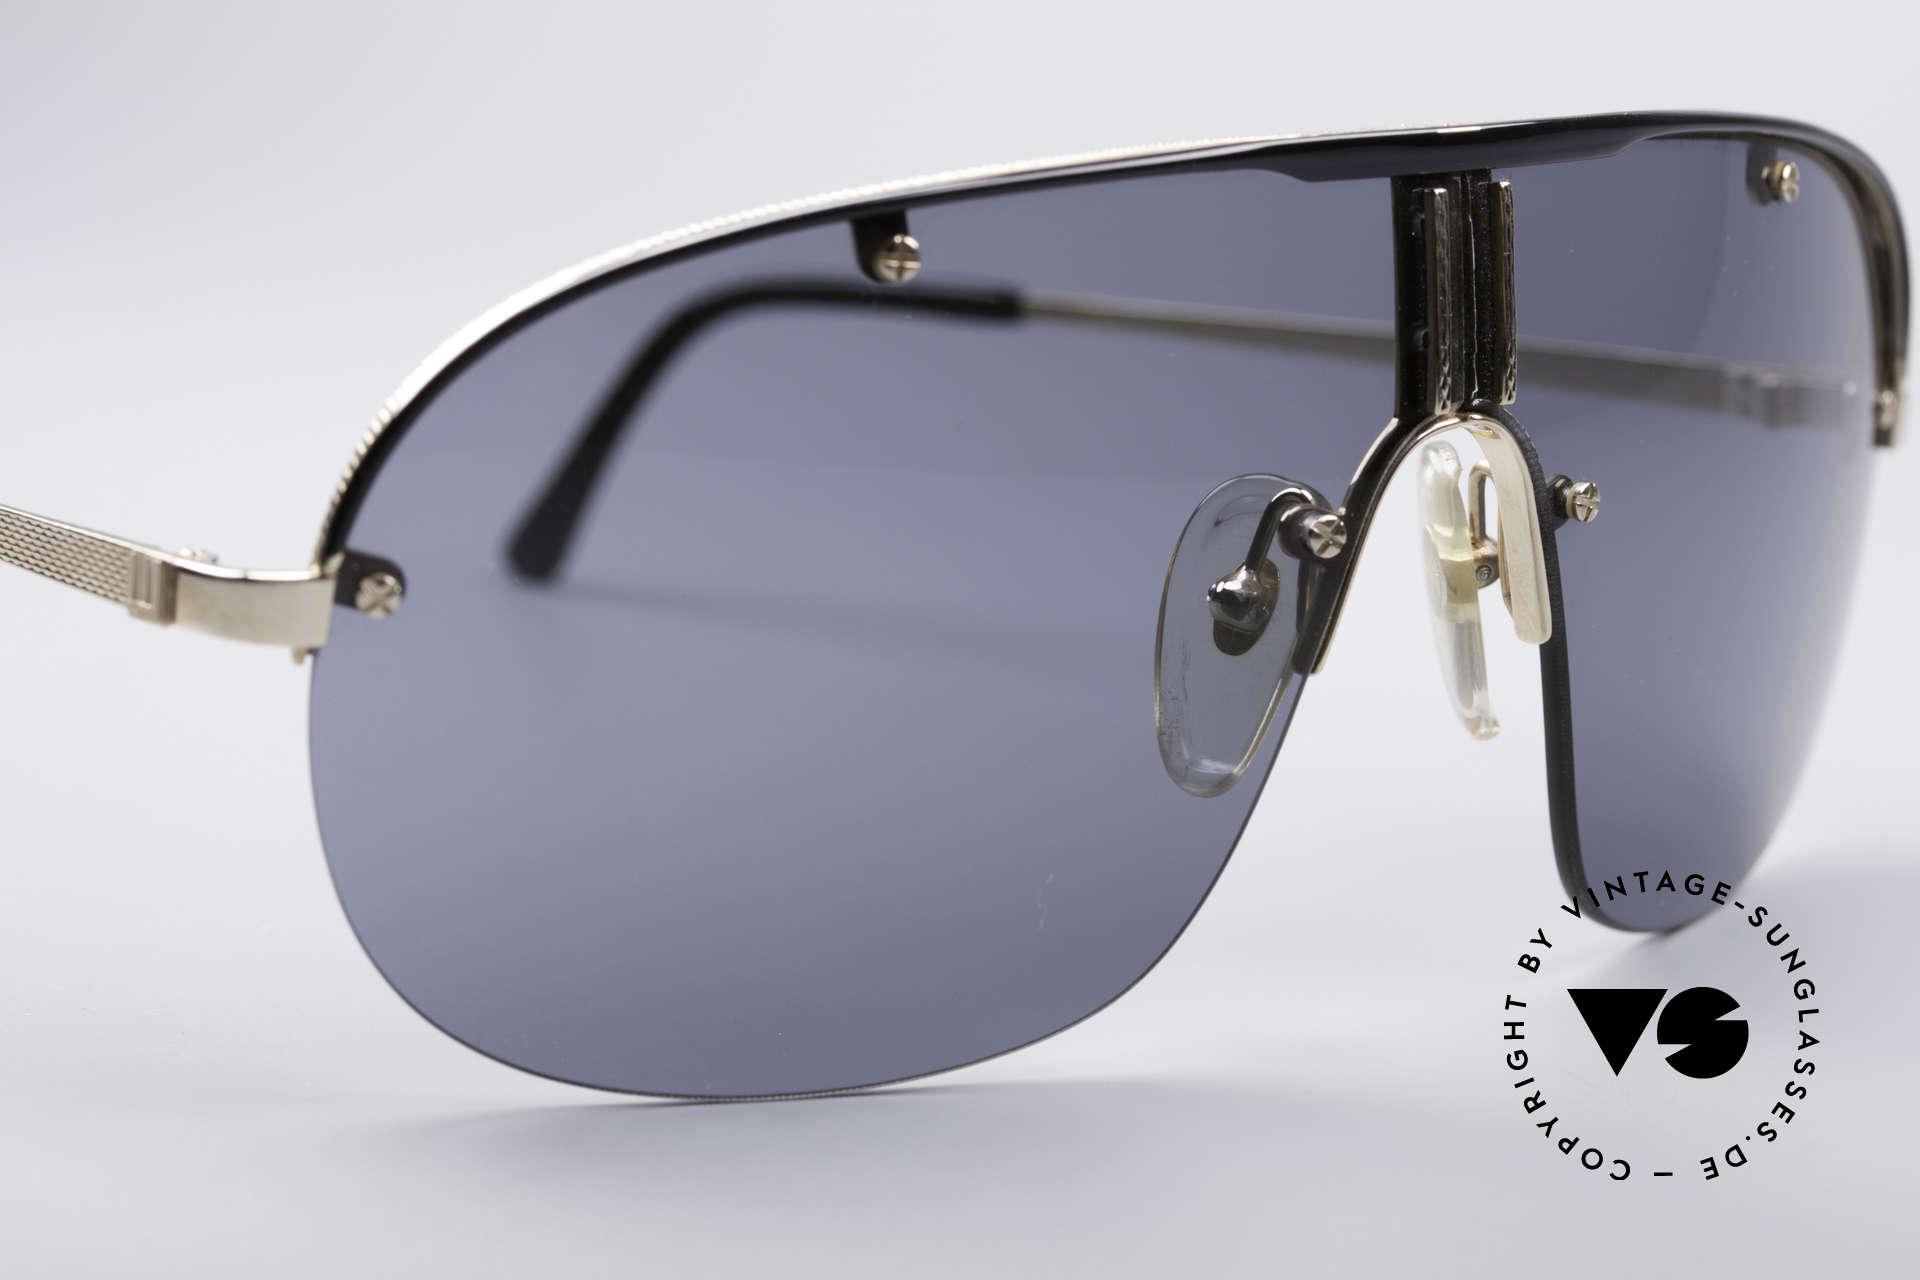 Dunhill 6102 90er Herren Sonnenbrille, eine Kombination aus klassischer Eleganz & Lifestyle, Passend für Herren